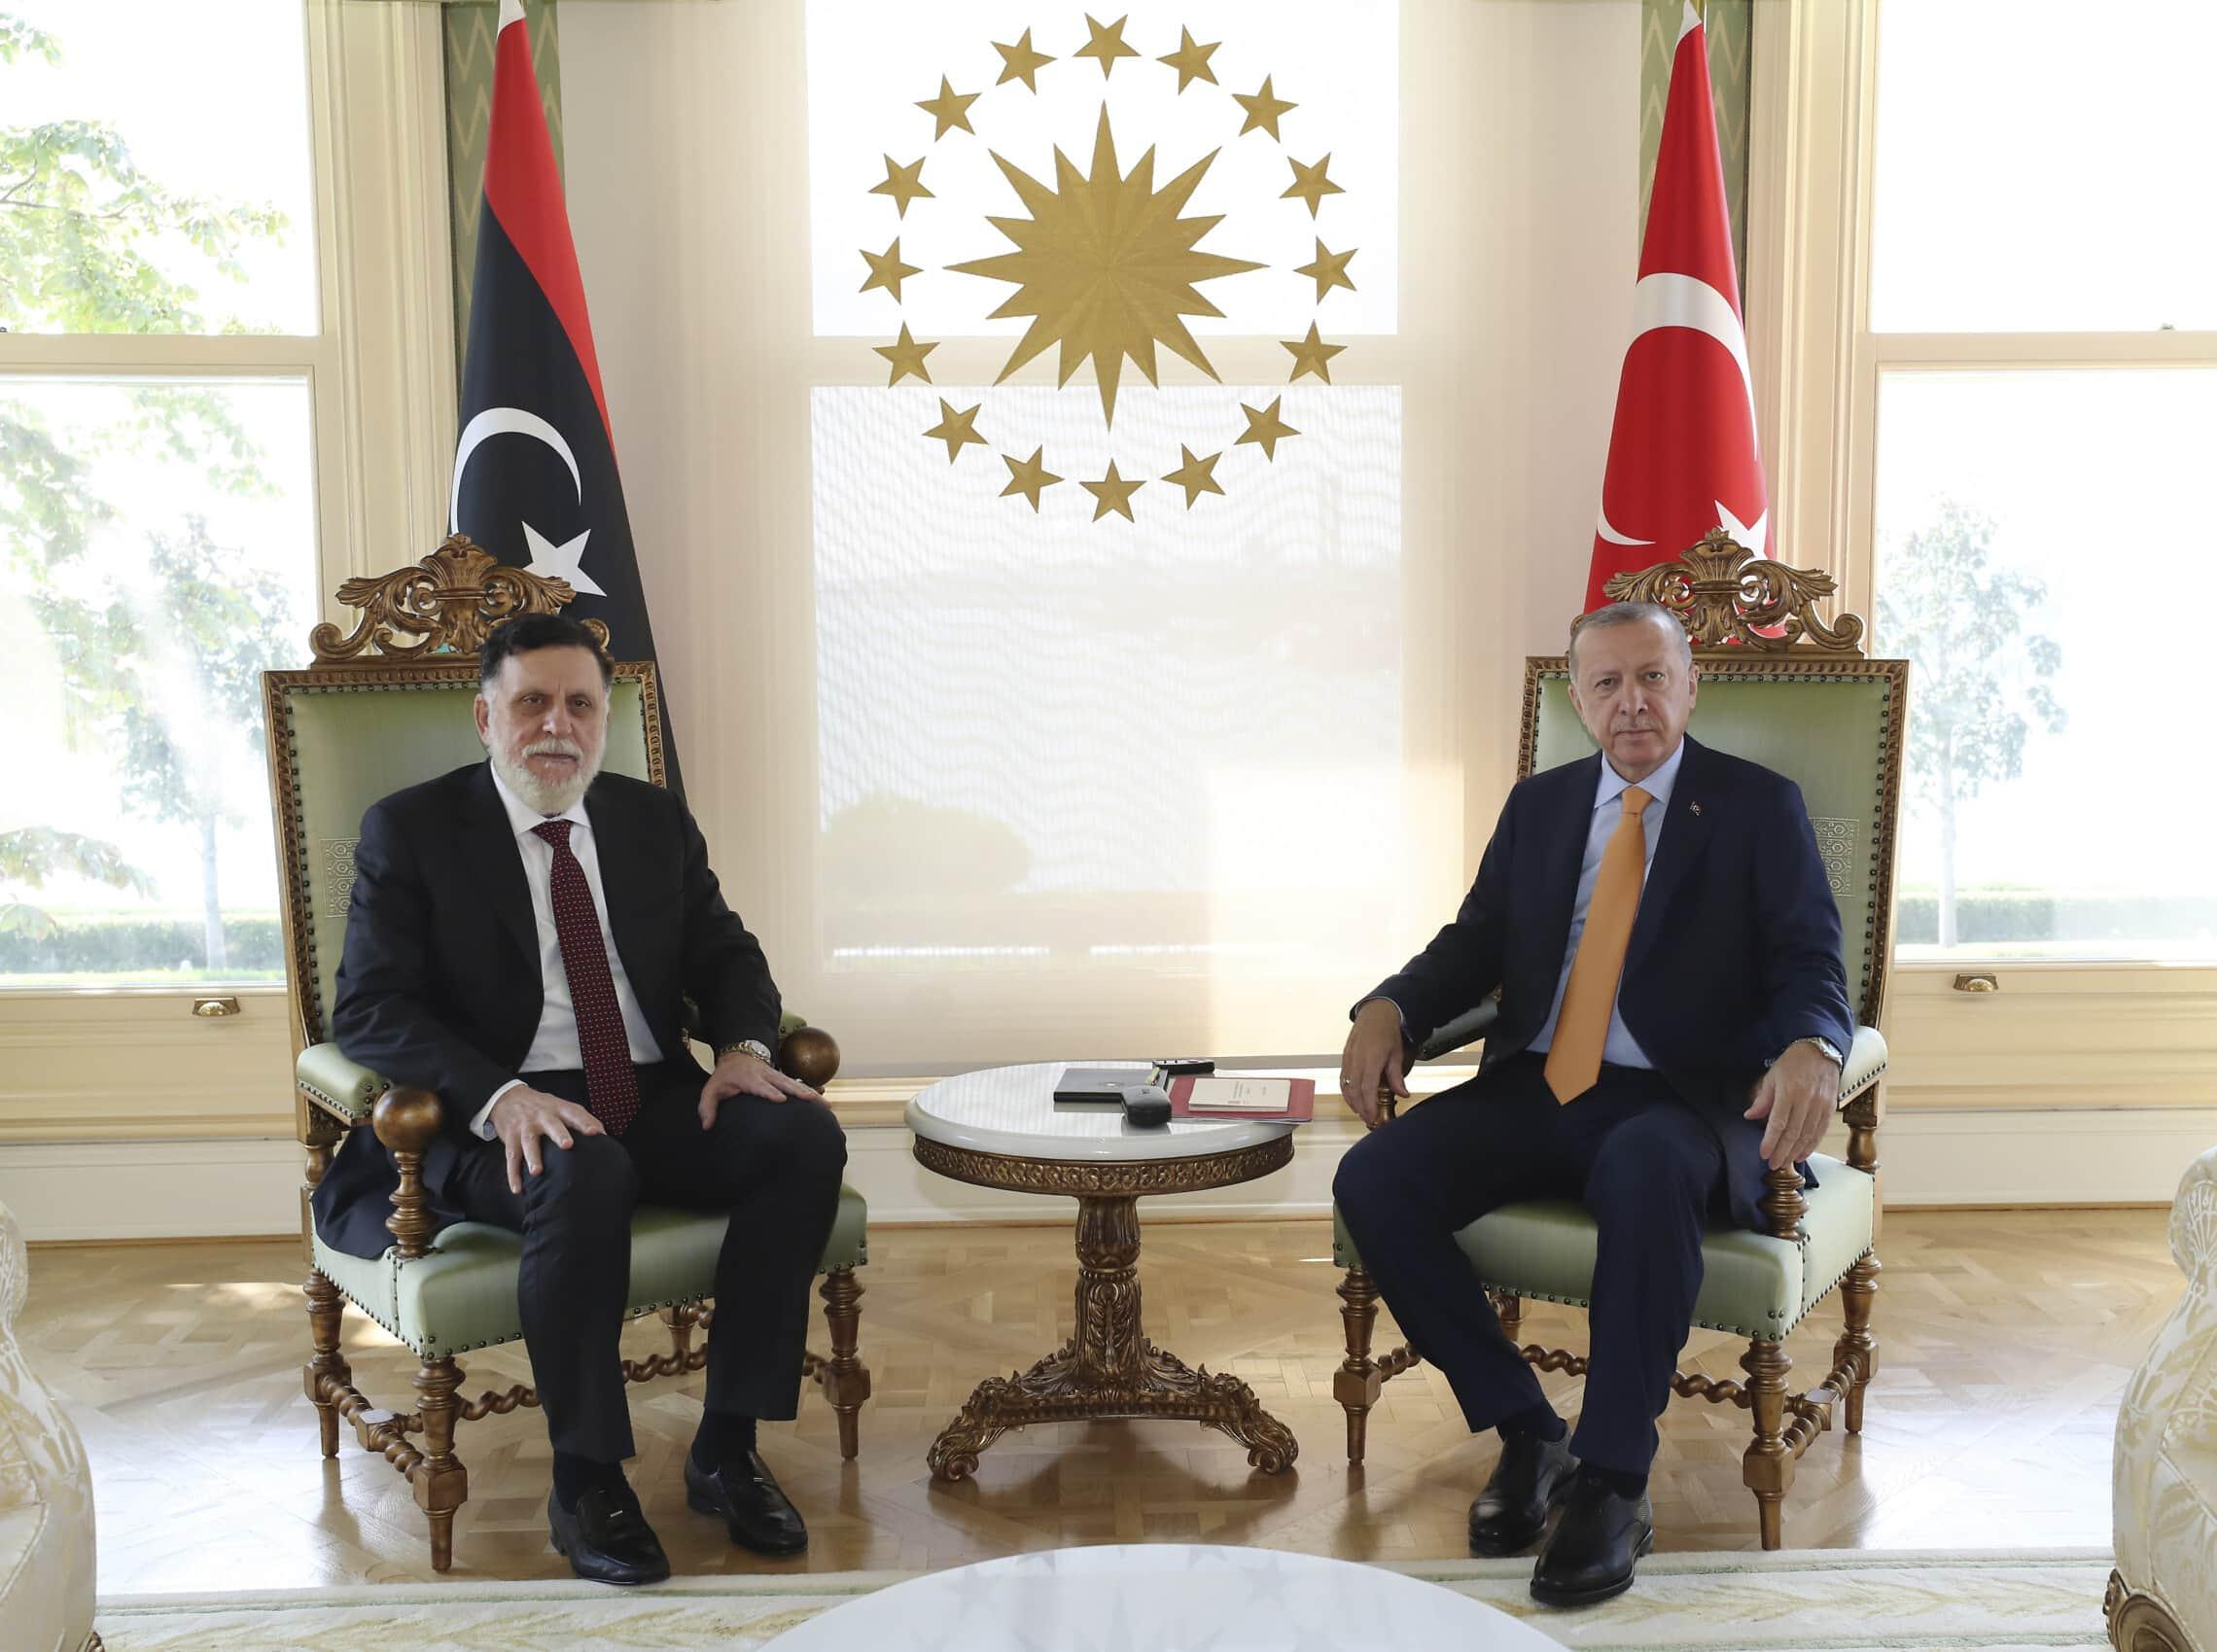 נשיא טוריקה רג'פ טאיפ ארדואן וראש ממשלת לוב פאיז א-סראג' בפגישה באיסטנבול, 6 בספטמבר 2020 (צילום: Turkish Presidency via AP)